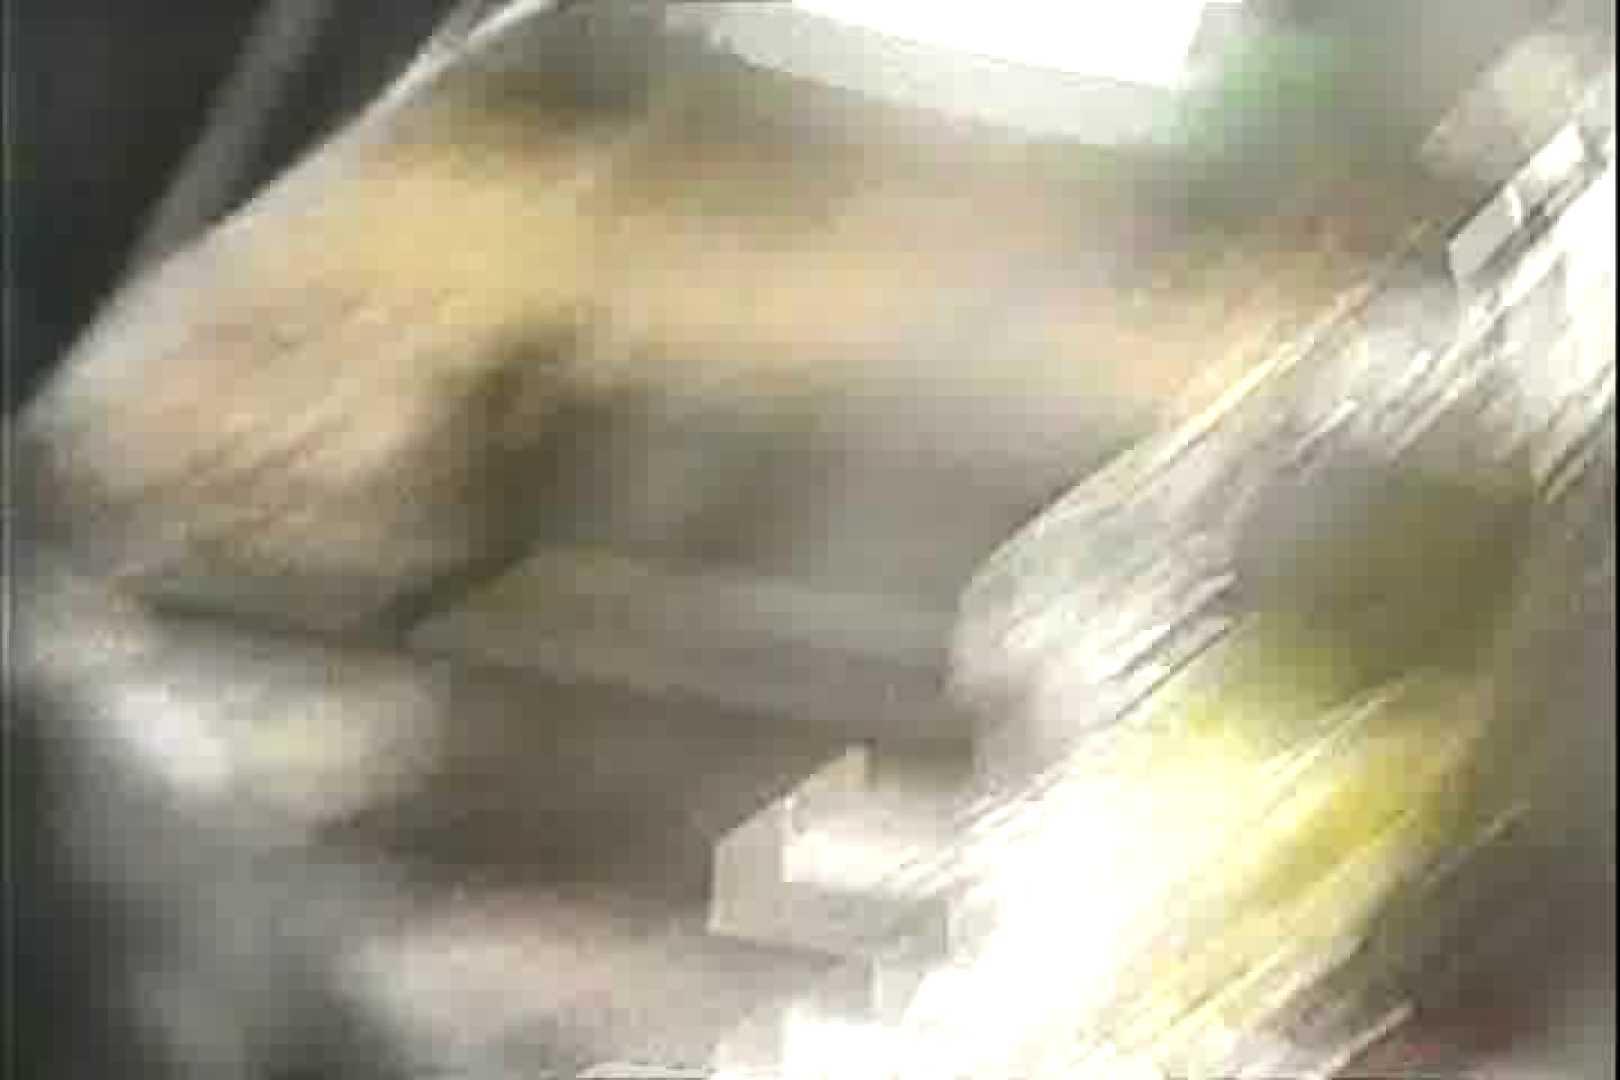 「ちくりん」さんのオリジナル未編集パンチラVol.3_02 盗撮師作品 | 新入生パンチラ  81pic 73